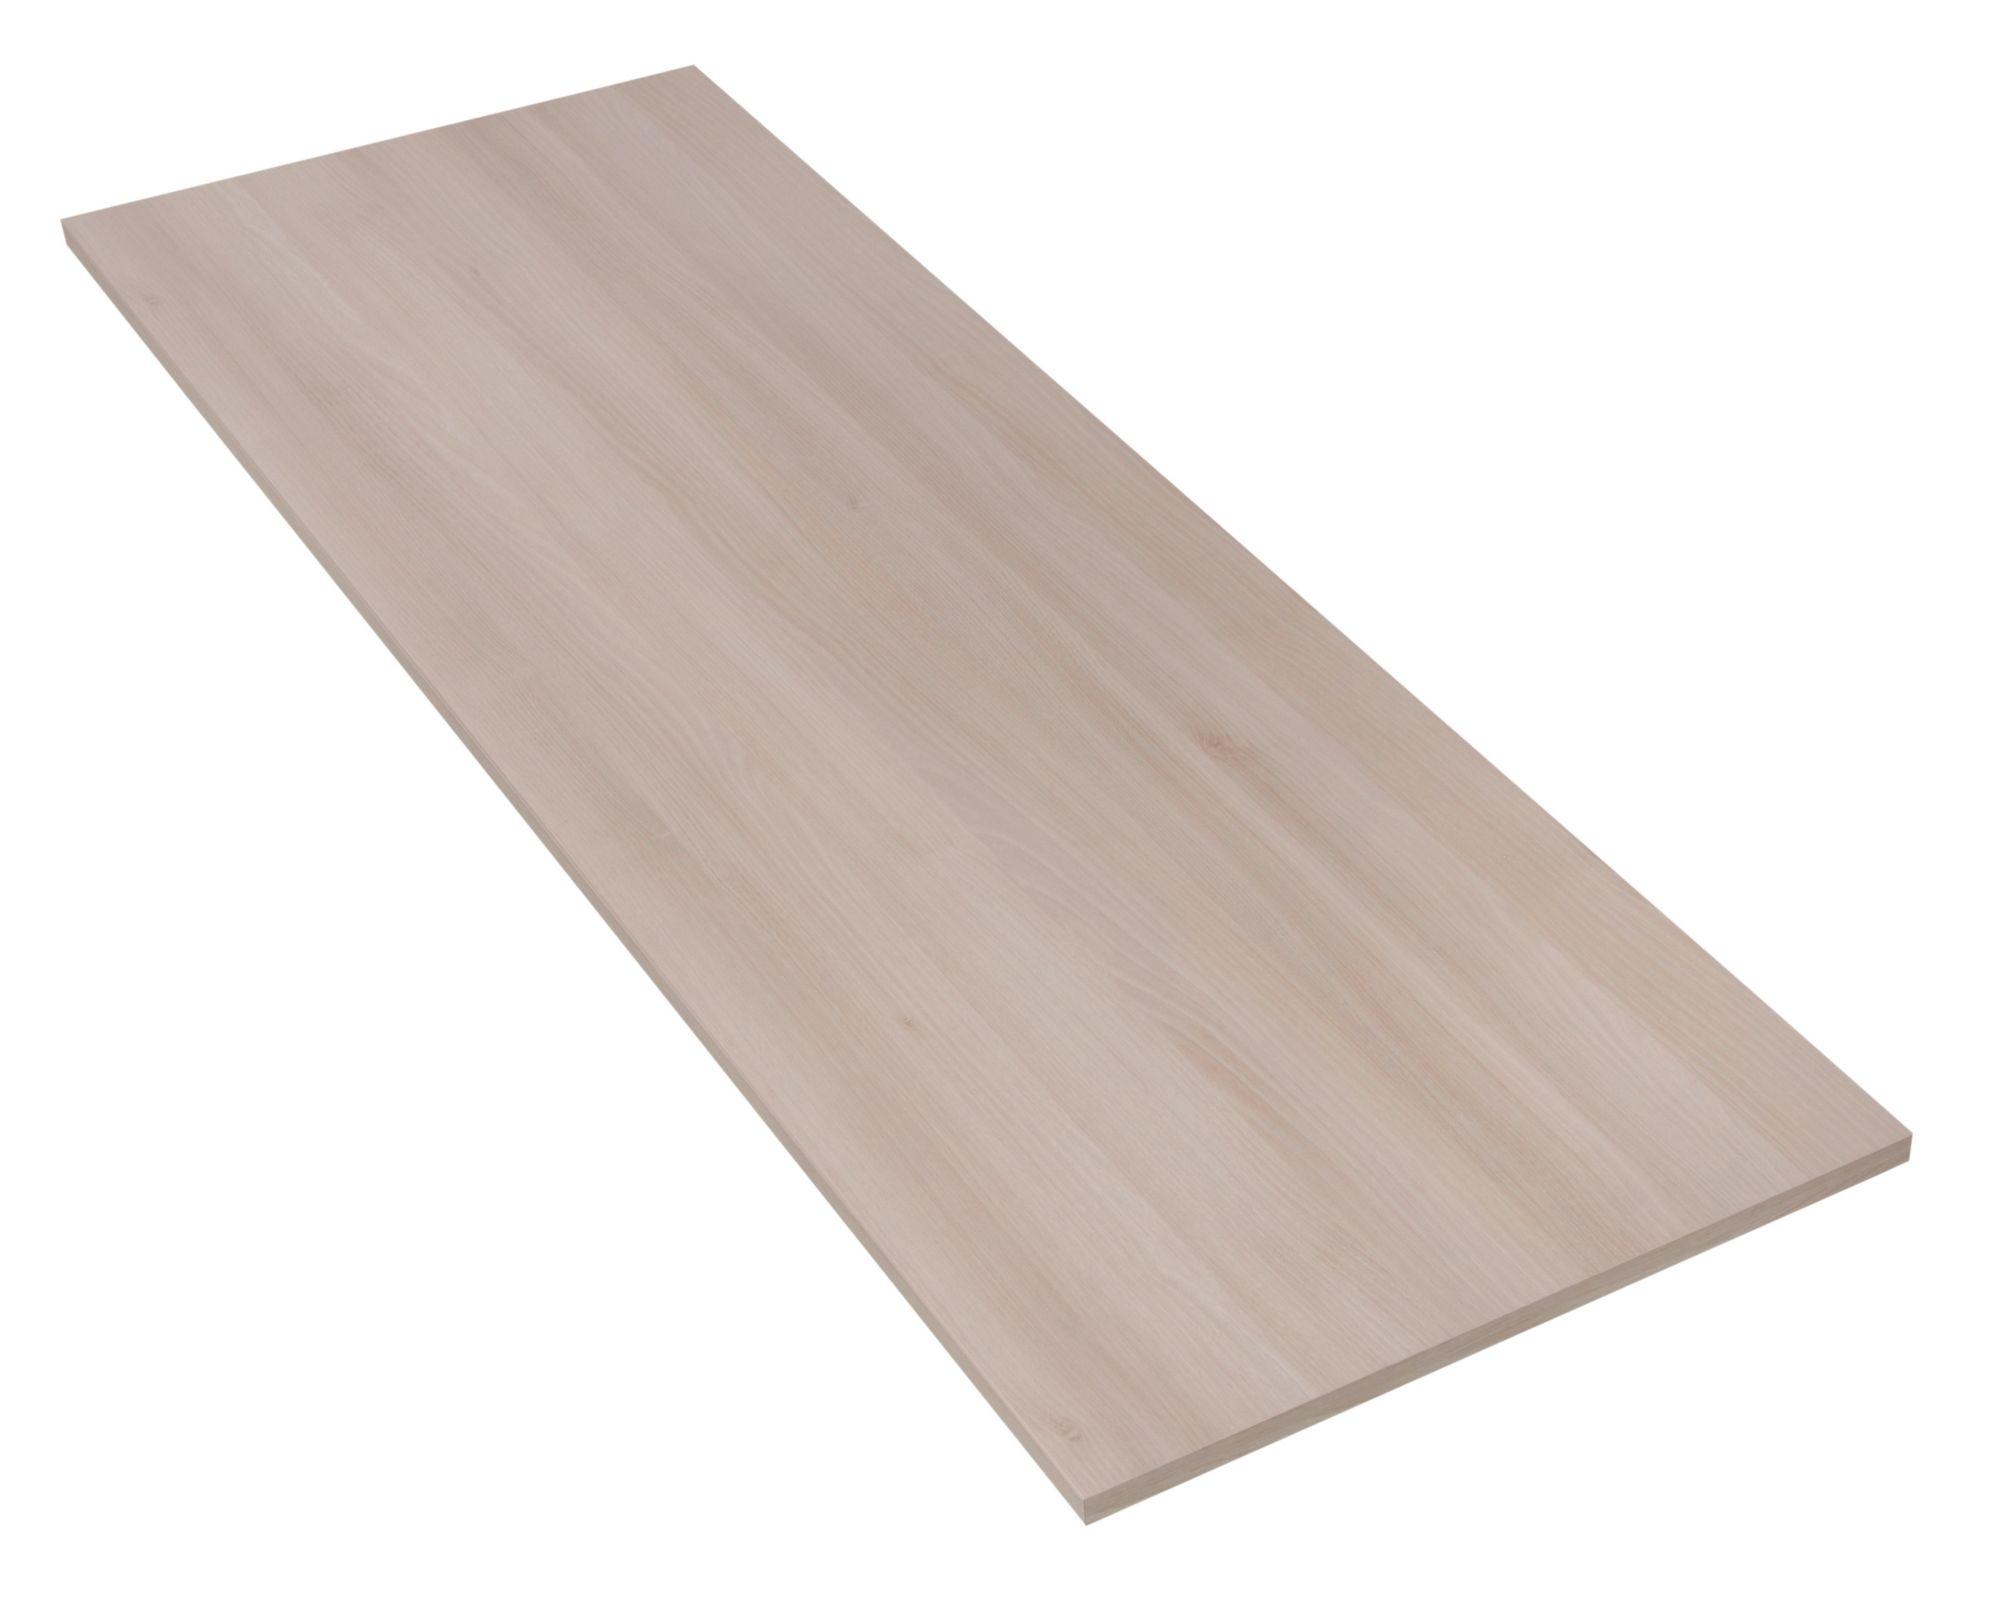 arbeitsplatte akazie schwab versand arbeitsplatten. Black Bedroom Furniture Sets. Home Design Ideas